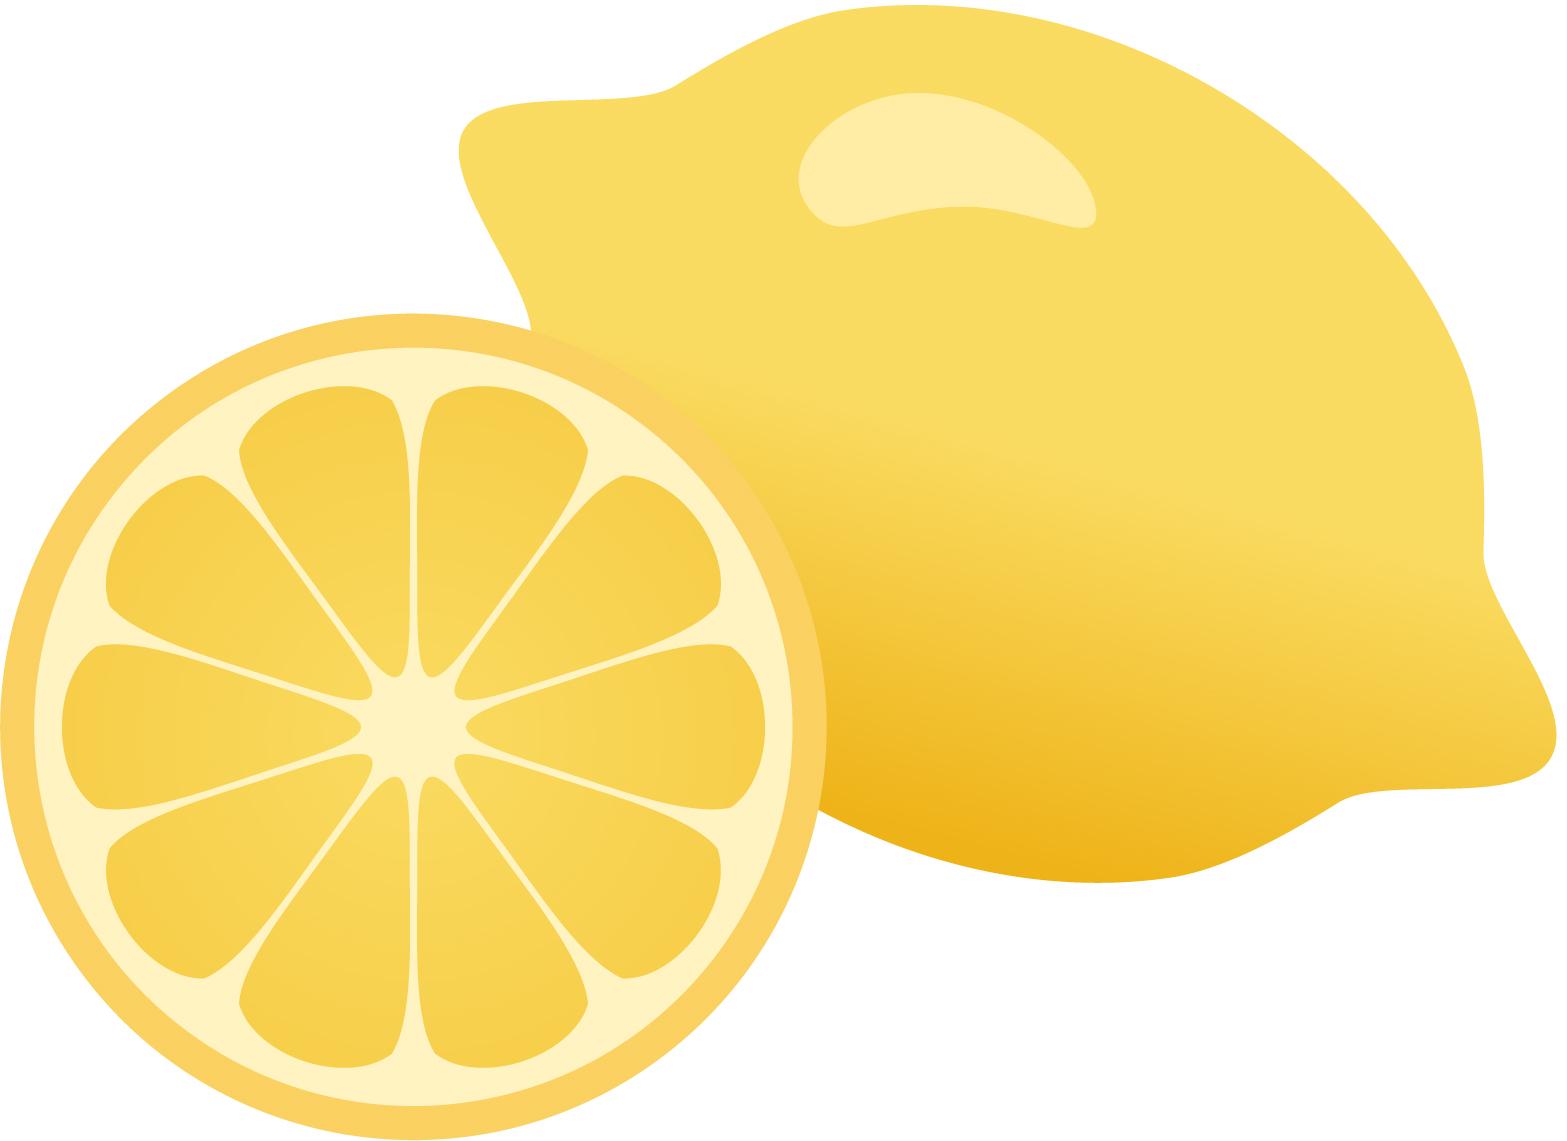 レモン イラスト